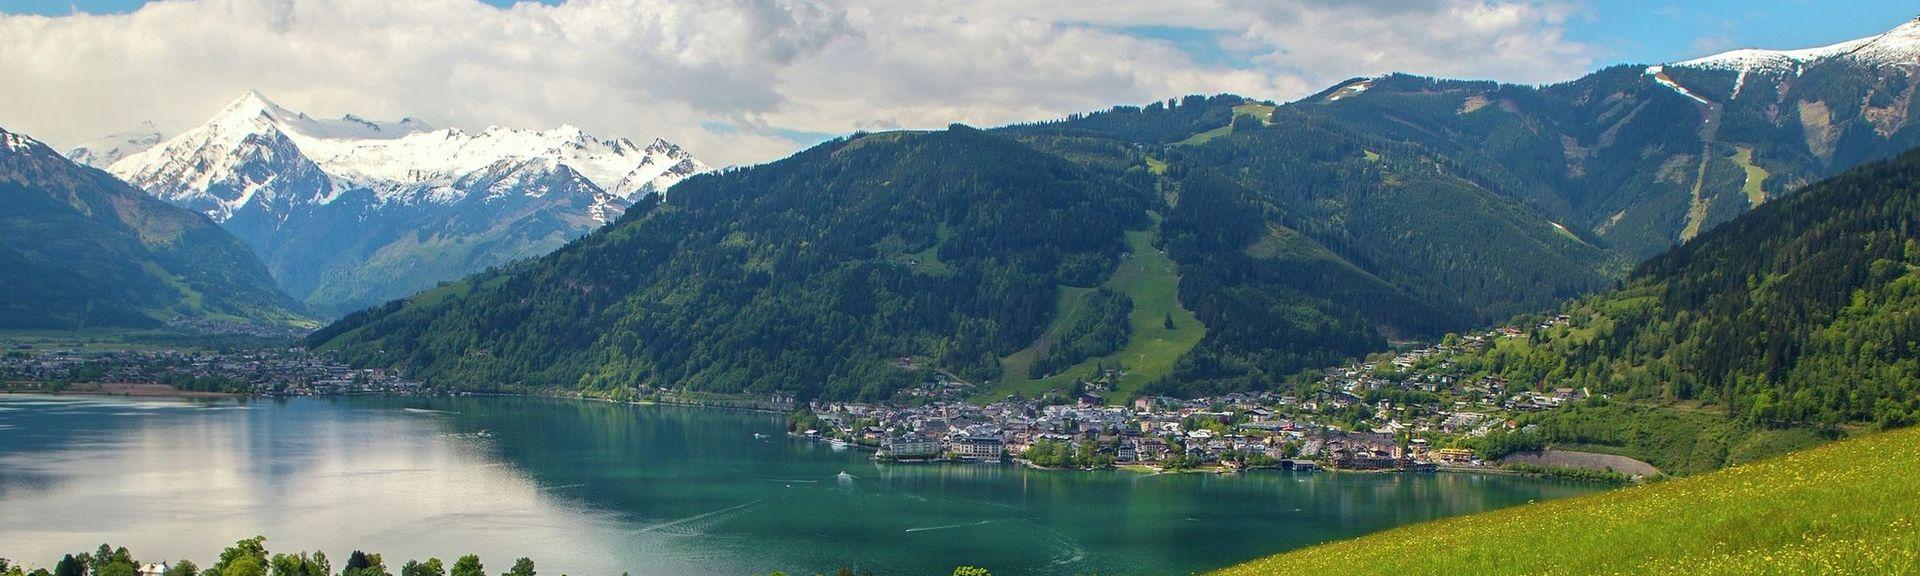 Viehhofen, Salzburg State, Austria